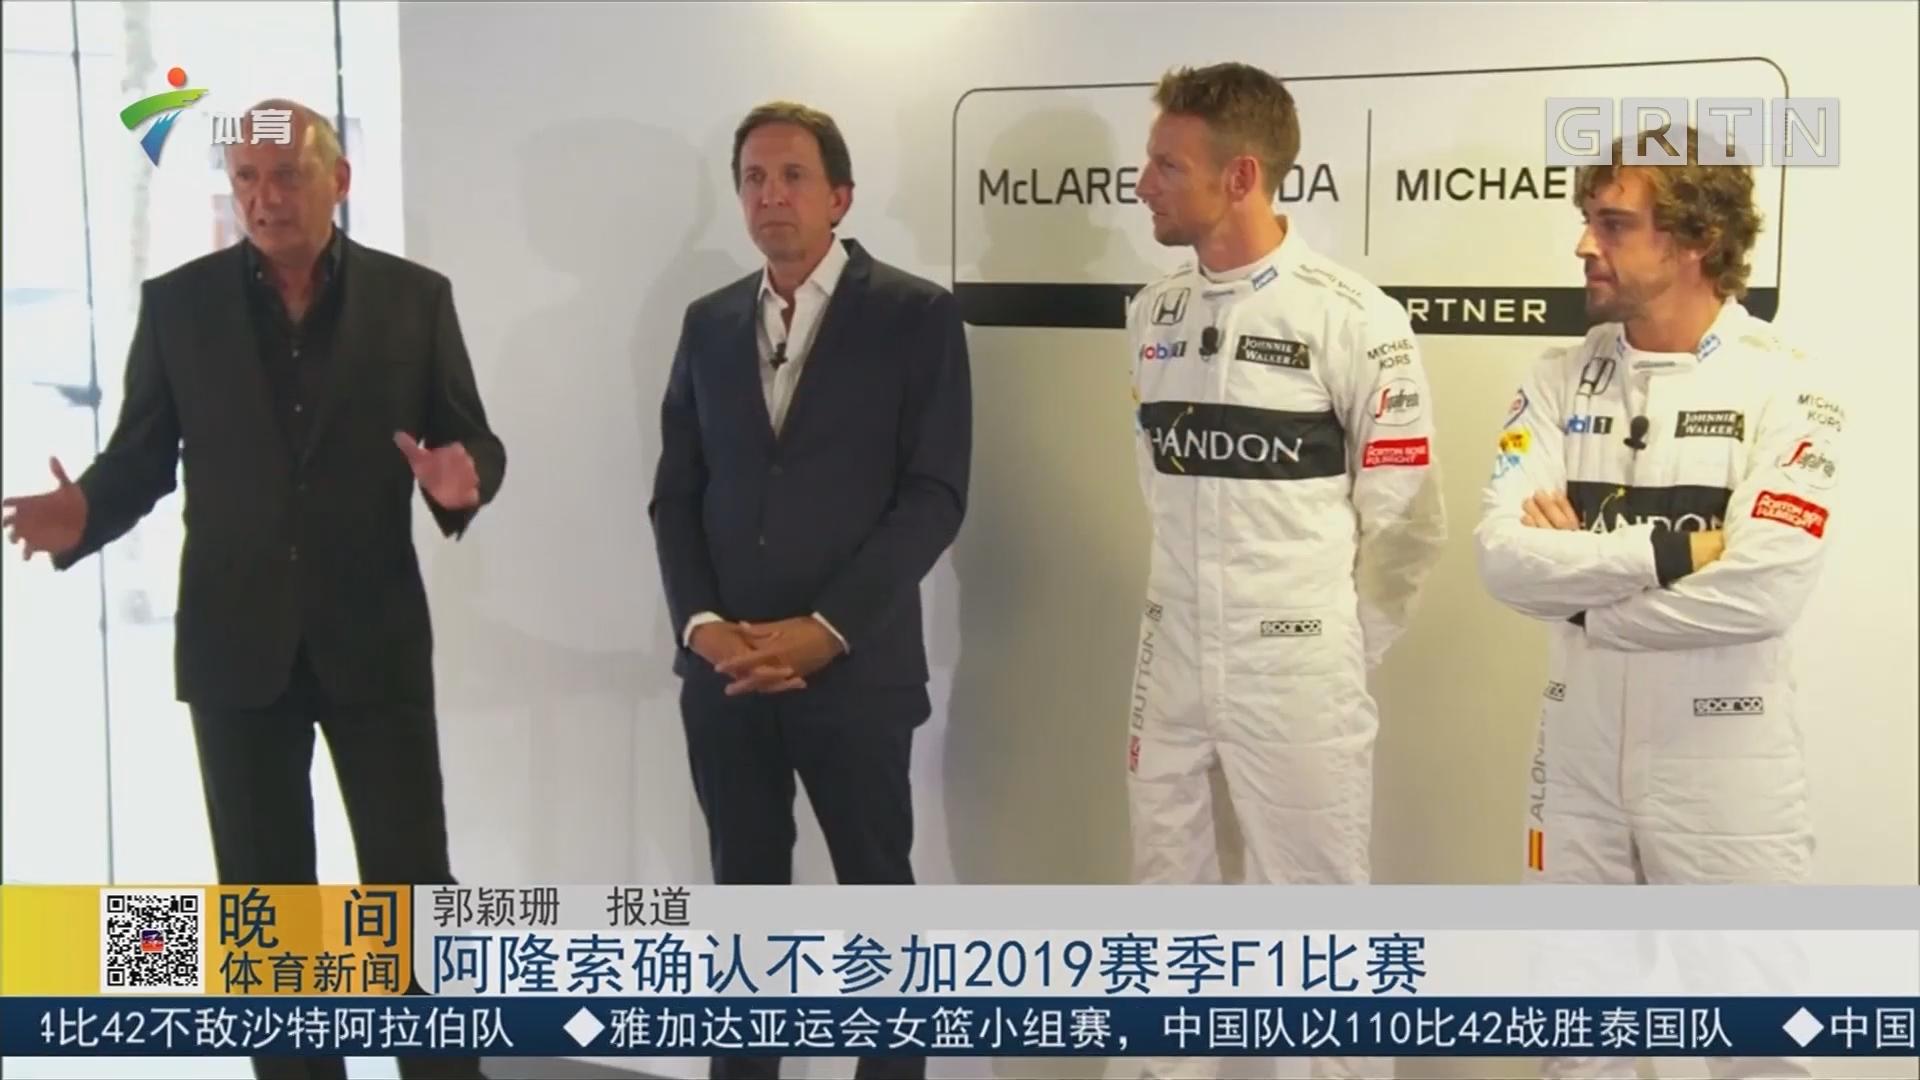 阿隆索确认不参加2019赛季F1比赛